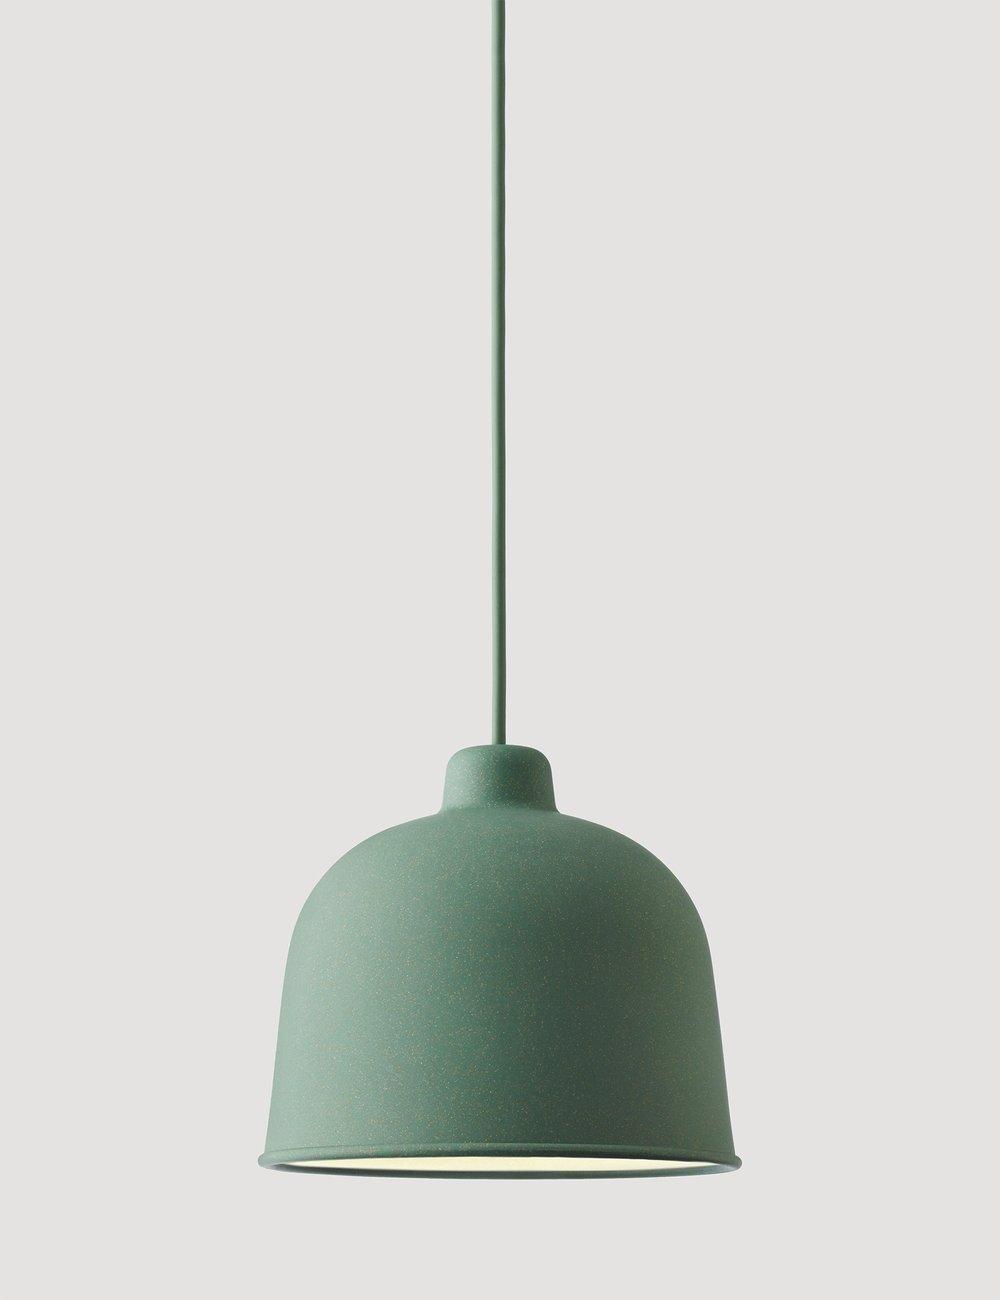 Muuto Grain hanglampen in verschillende kleuren